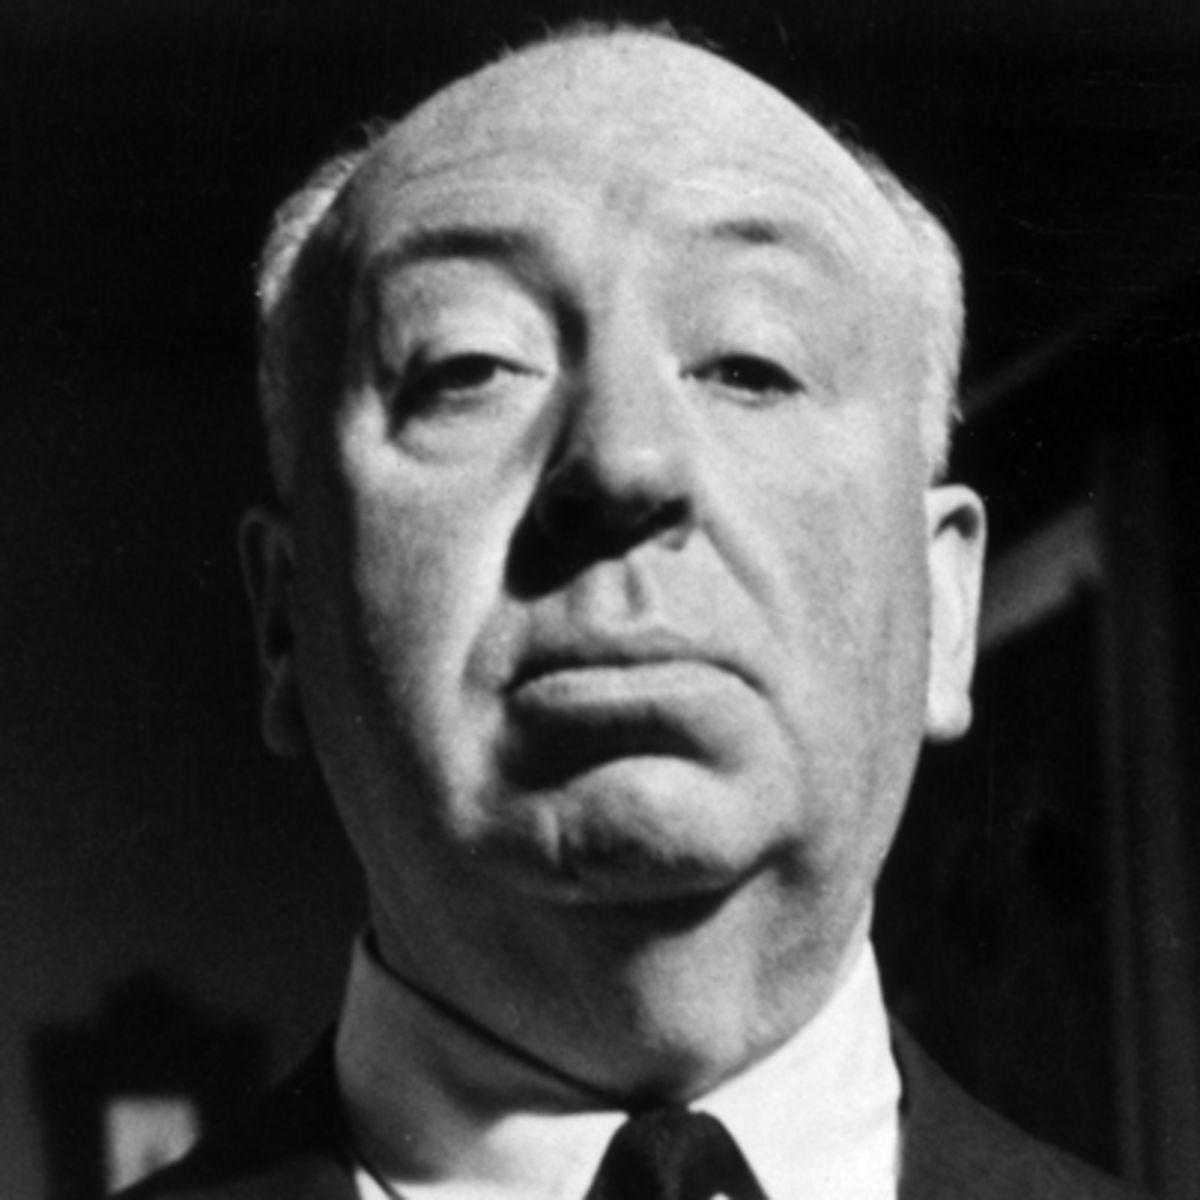 Alfred Hitchcock, sinema yönetmeni (DY-1899) tarihte bugün